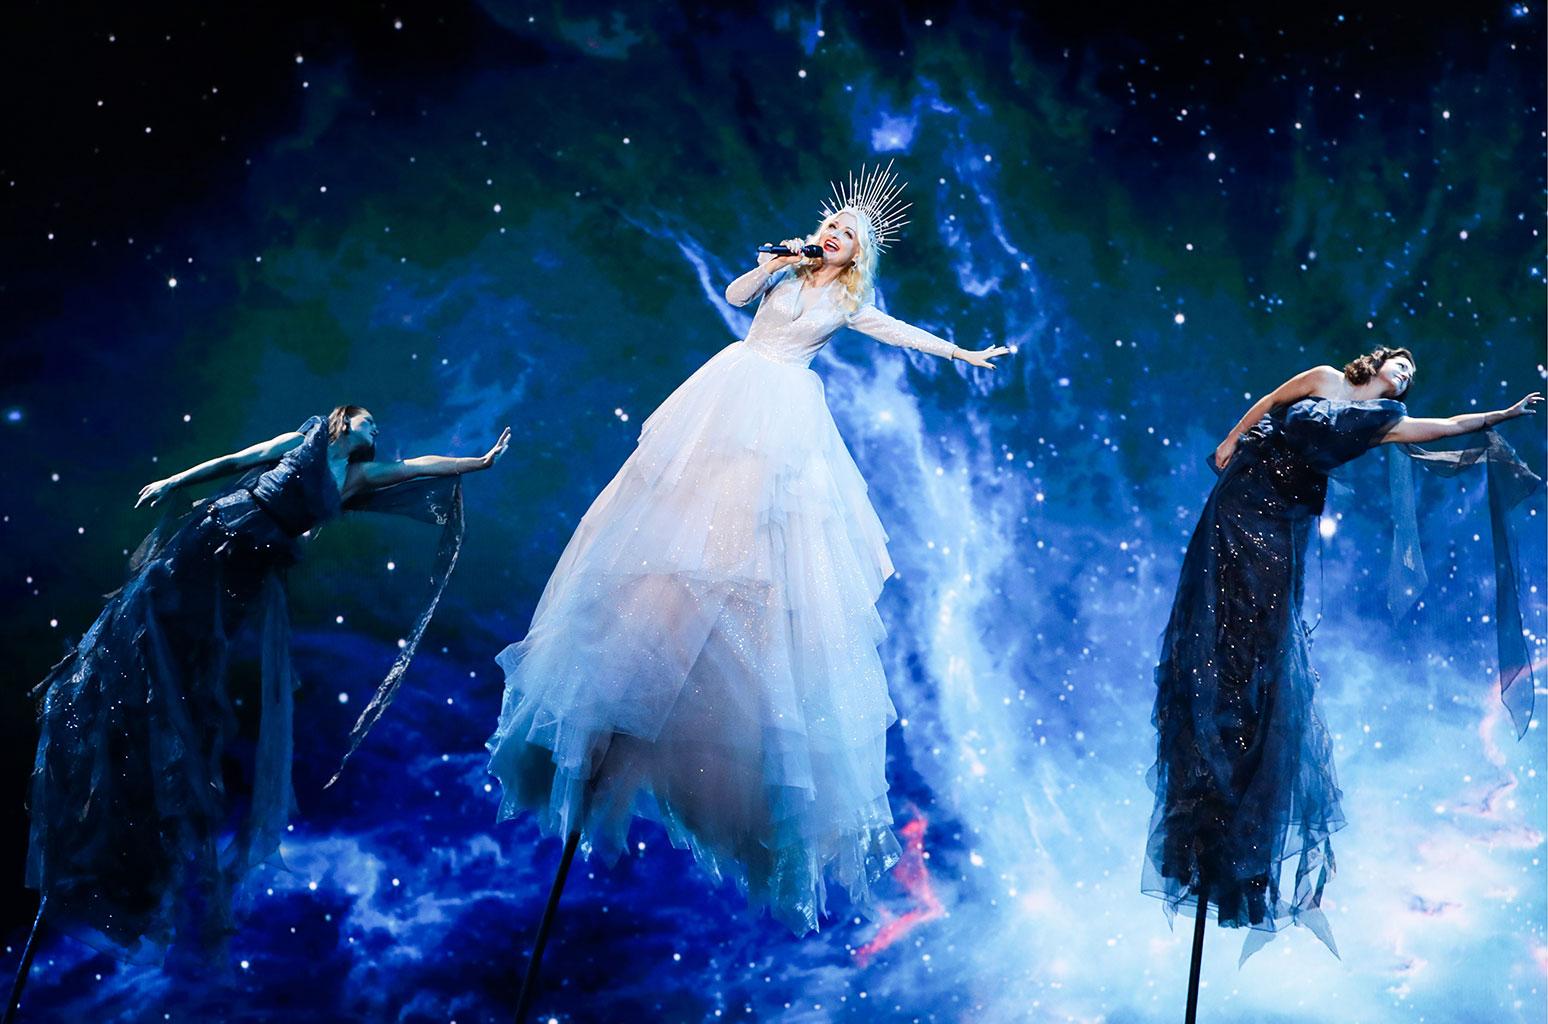 Kate-Miller-Heidke-eurovision-2019-billboard-1548.jpg